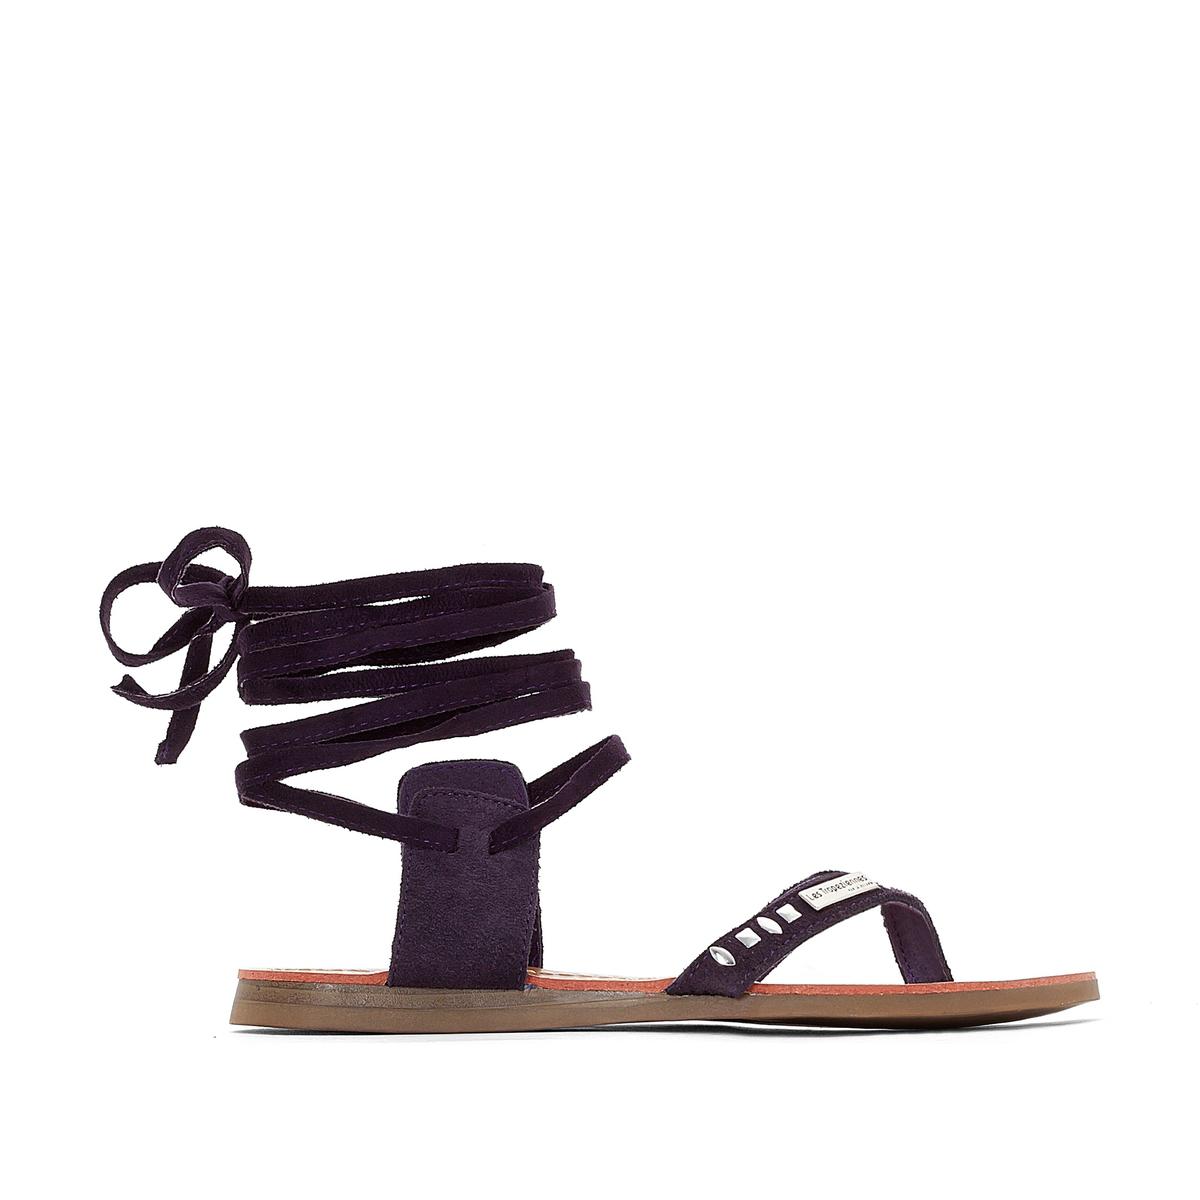 Сандалии плоские из кожи Galtano, с перемычкой между пальцамиОчаровательные и ультра женственные сандалии с кожаной шнуровкой, обрамляющей лодыжку ... !<br><br>Цвет: фиолетовый